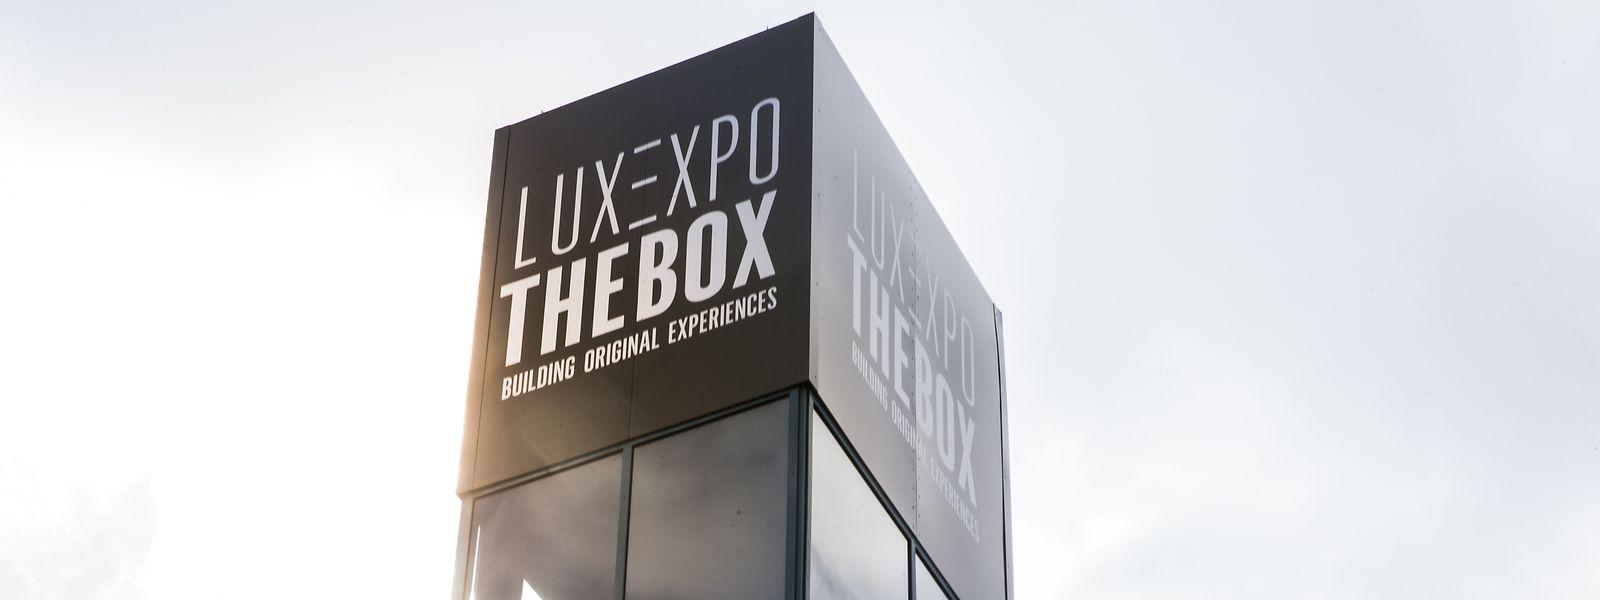 En attendant la décision sur son futur emplacement, les actionnaires de Luxexpo The Box choisissent de mettre en place des «investissements technologiques» destinés notamment à faire émerger «une solution génératrice de nouveaux revenus»